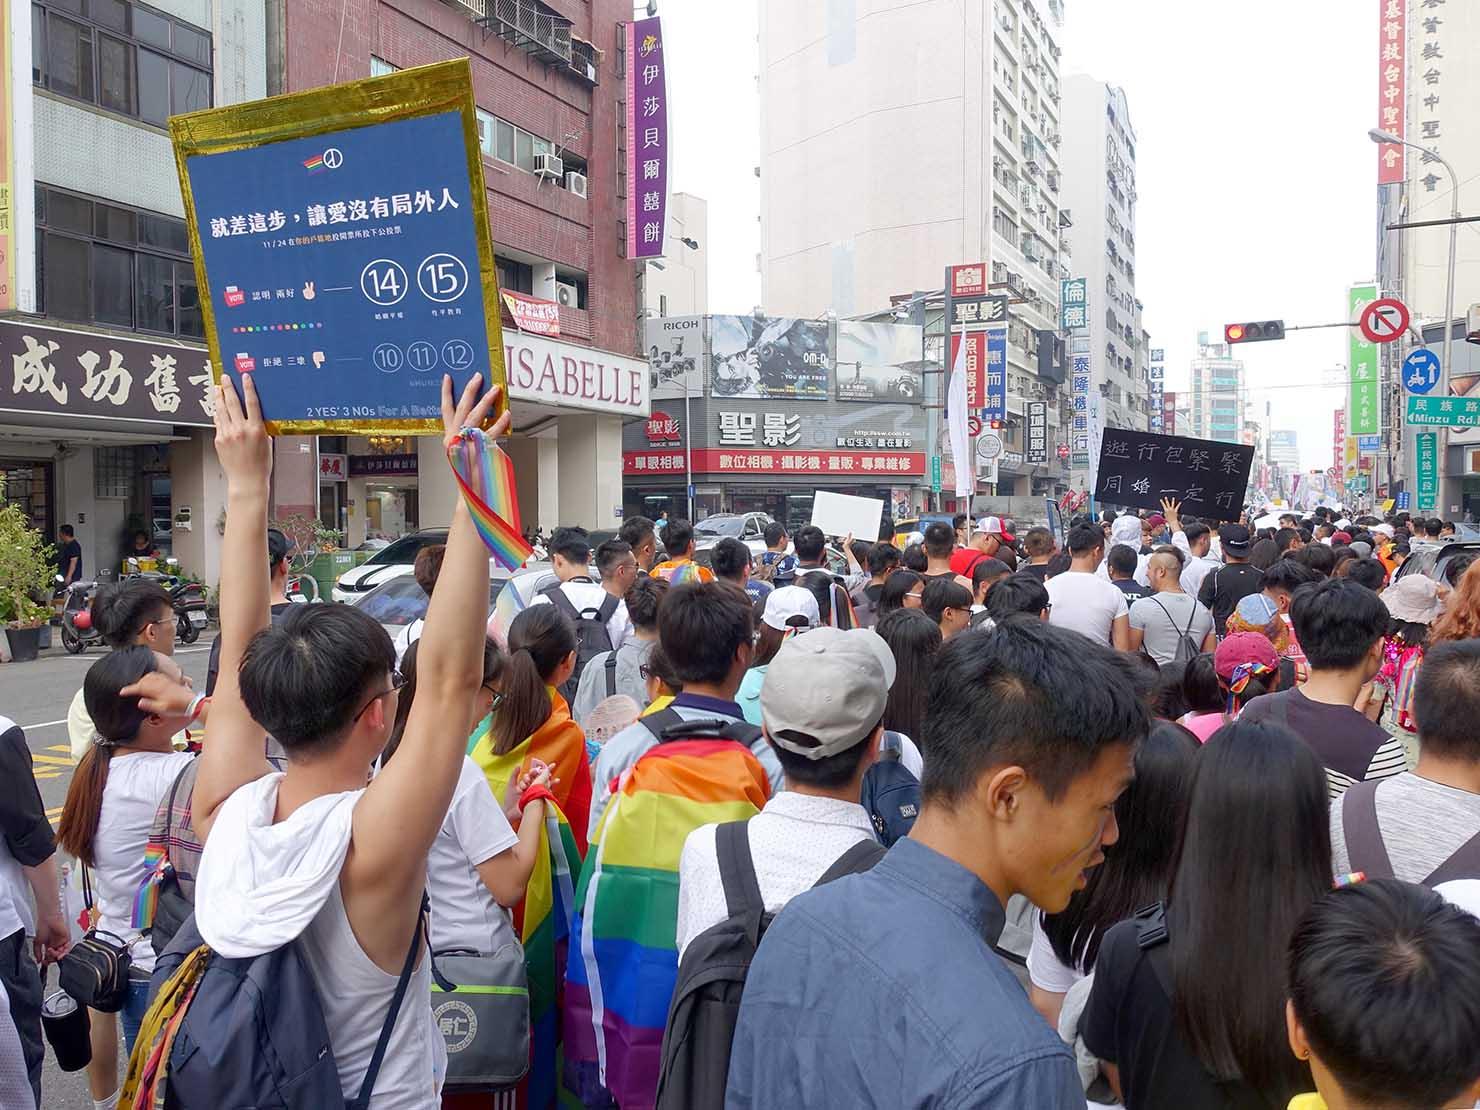 台中同志遊行(台中LGBTプライド)2018パレードでプラカードを掲げて歩くパレード隊列